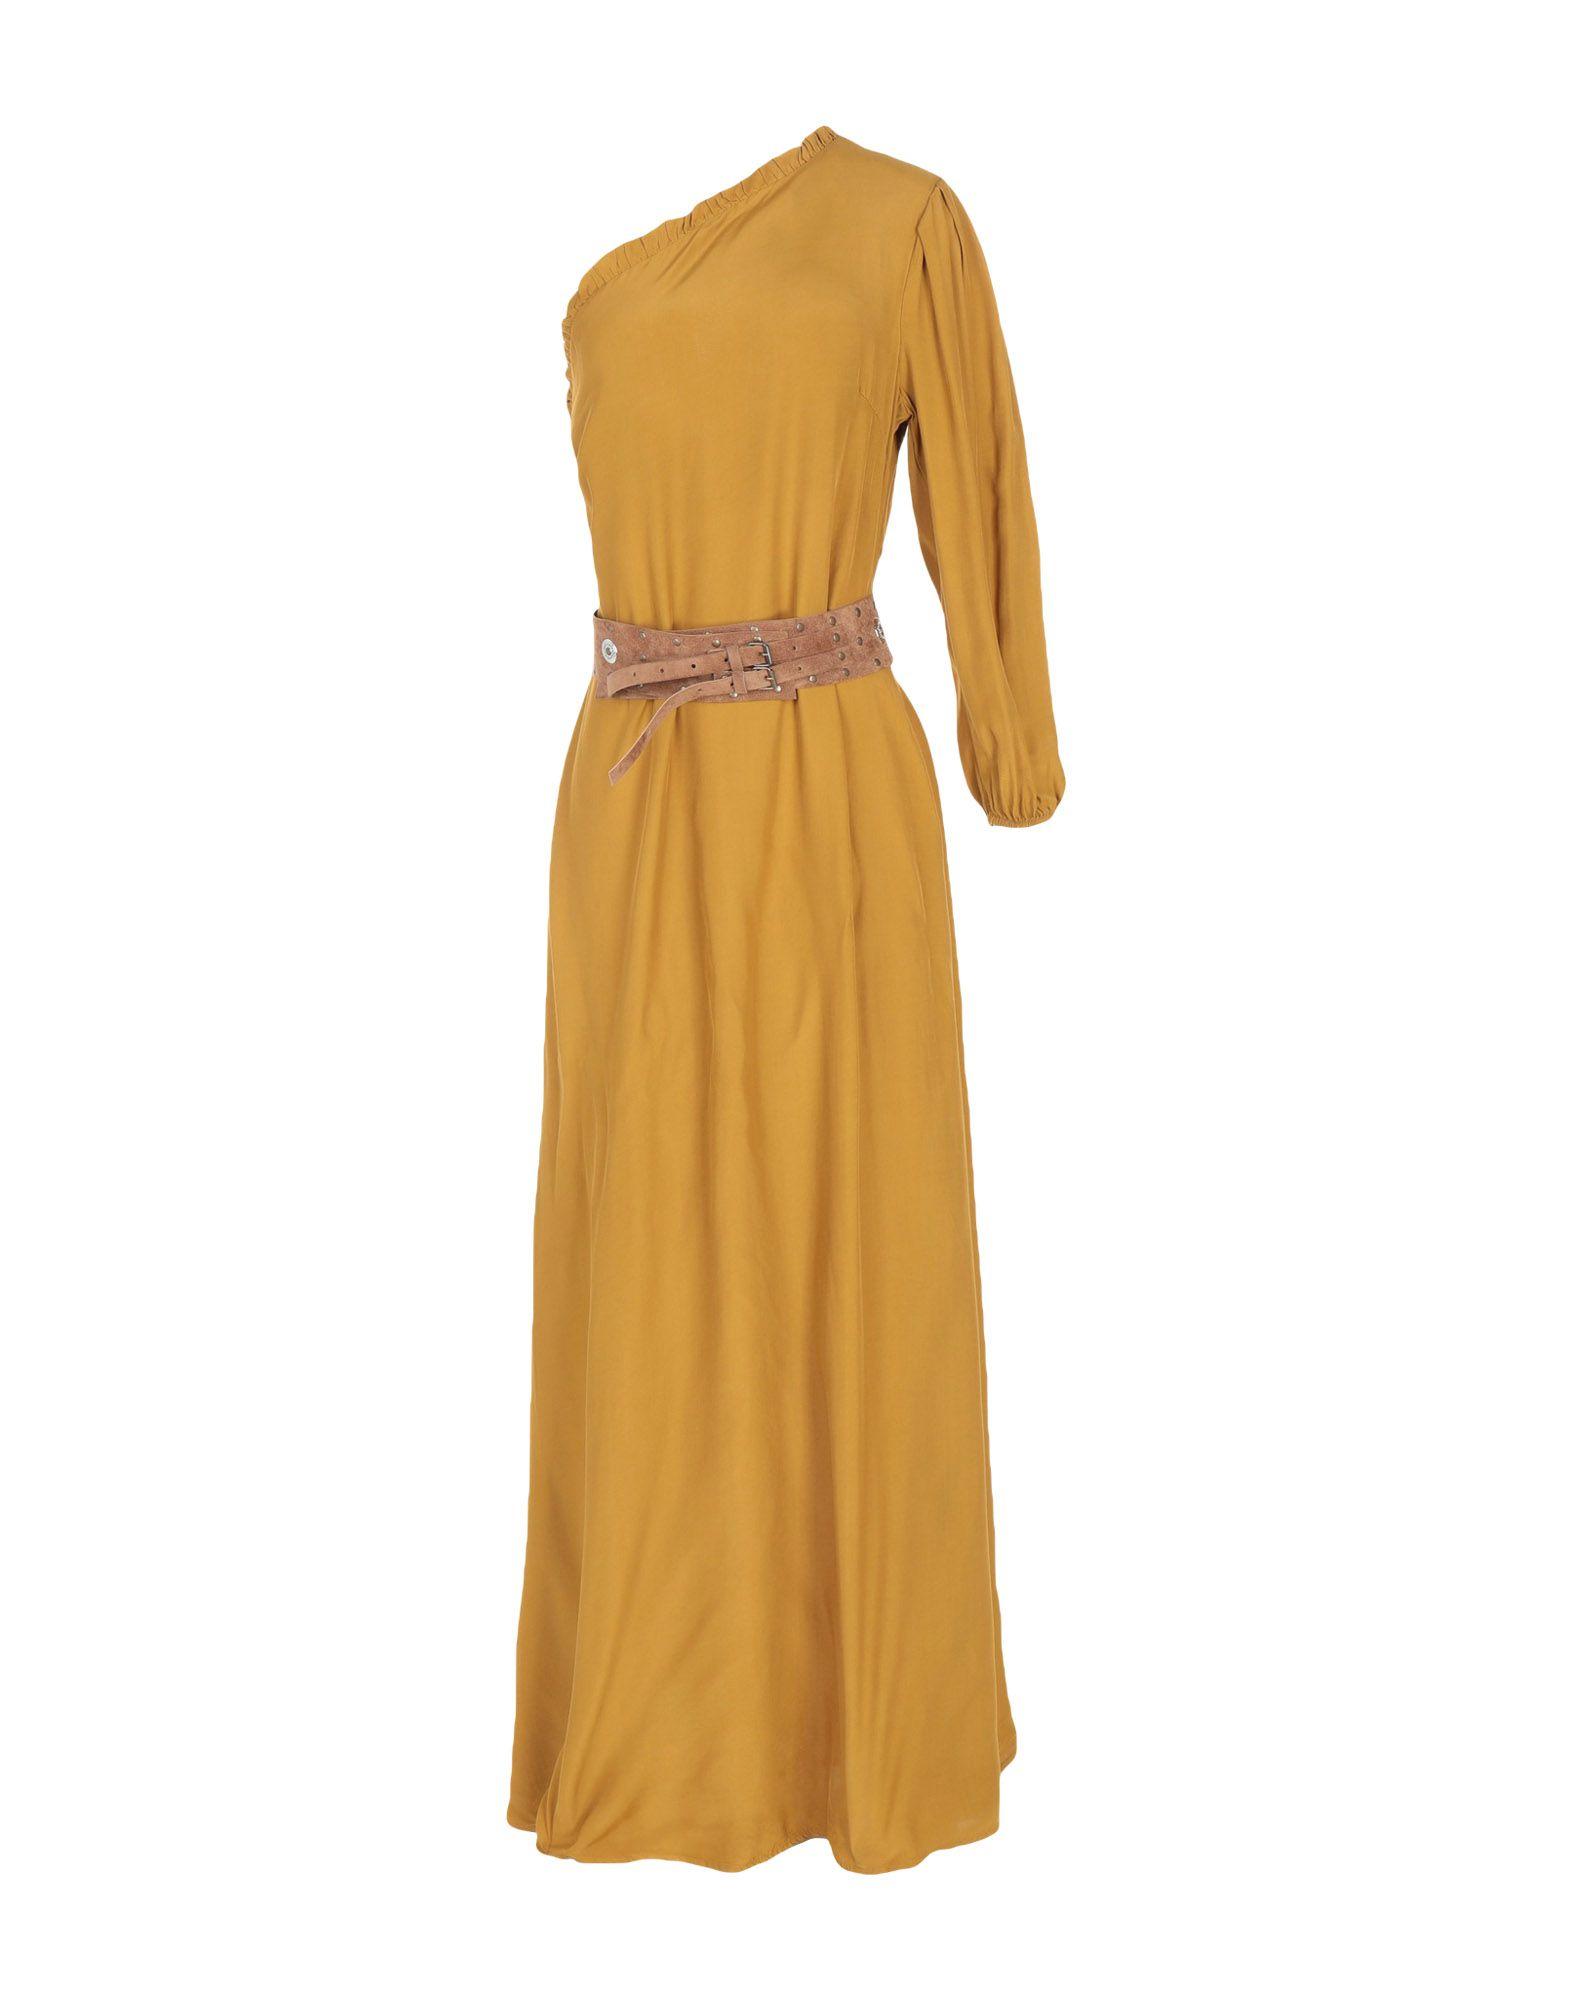 SOUVENIR Длинное платье малого сексуально женщин от летних моды случайных плечо мини платье